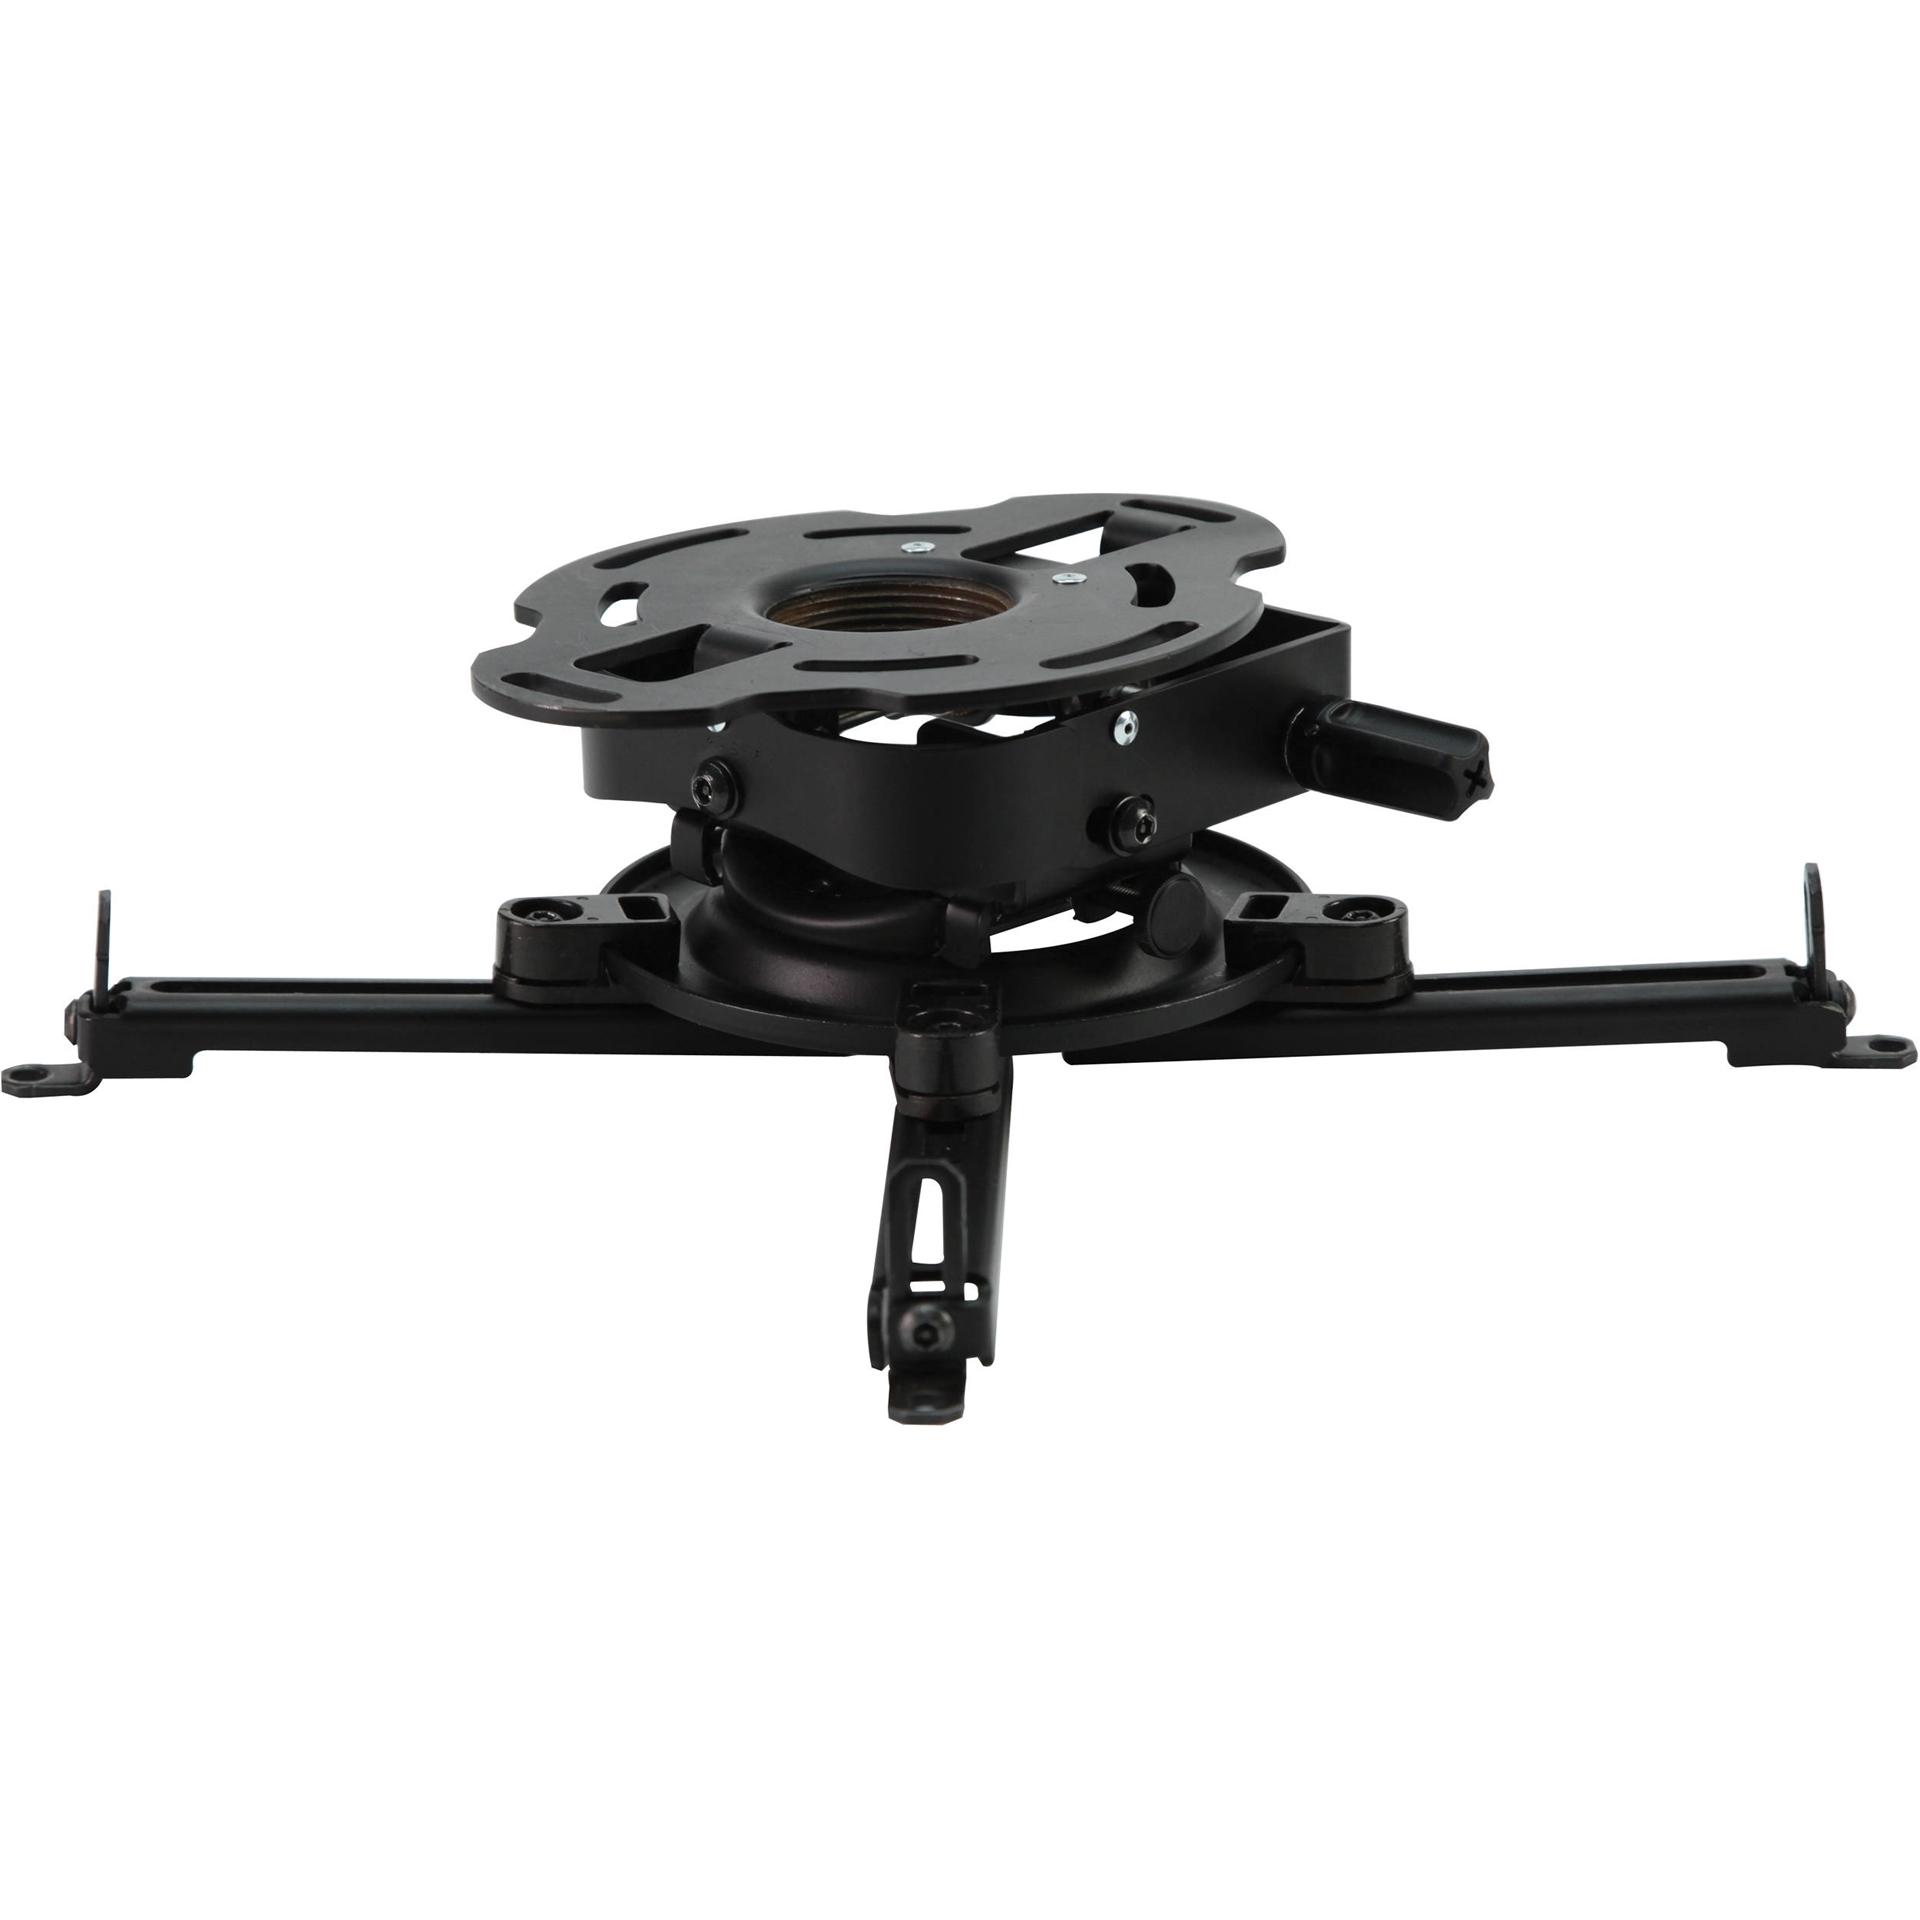 Peerless-AV PRGS-UNV - Универсальное крепление типа «паук» для проектора до 22 кг с адаптером к потолку или на штангу